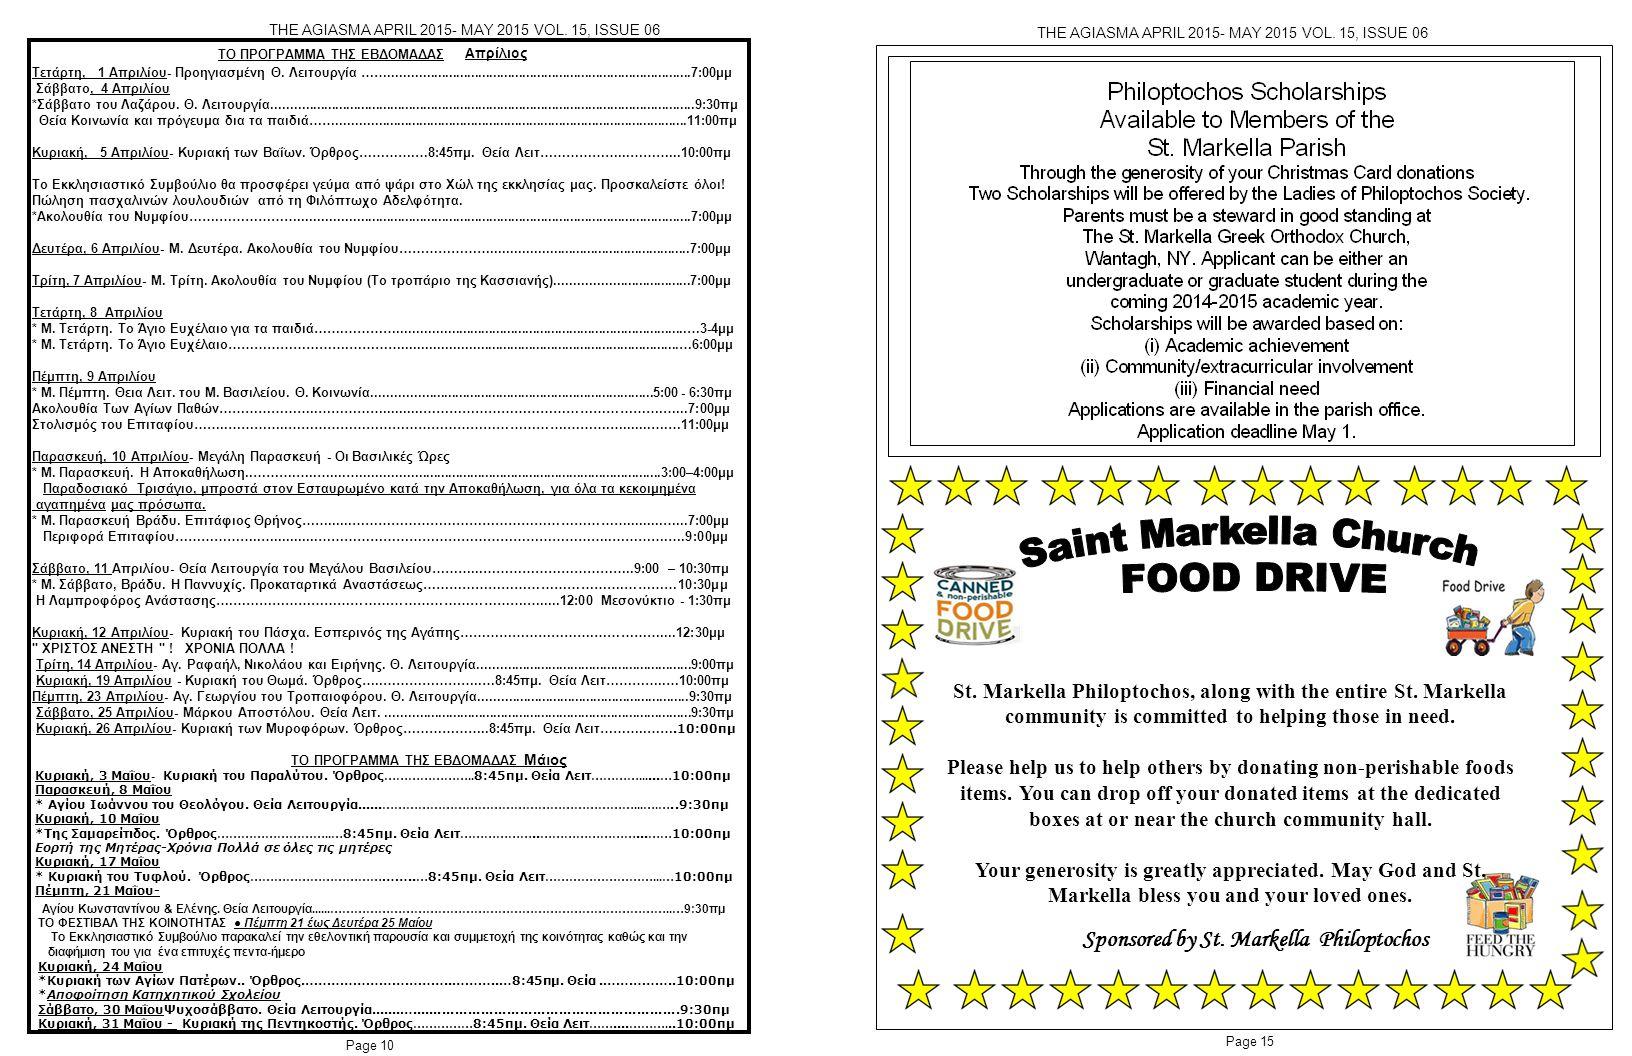 Saint Markella Church FOOD DRIVE